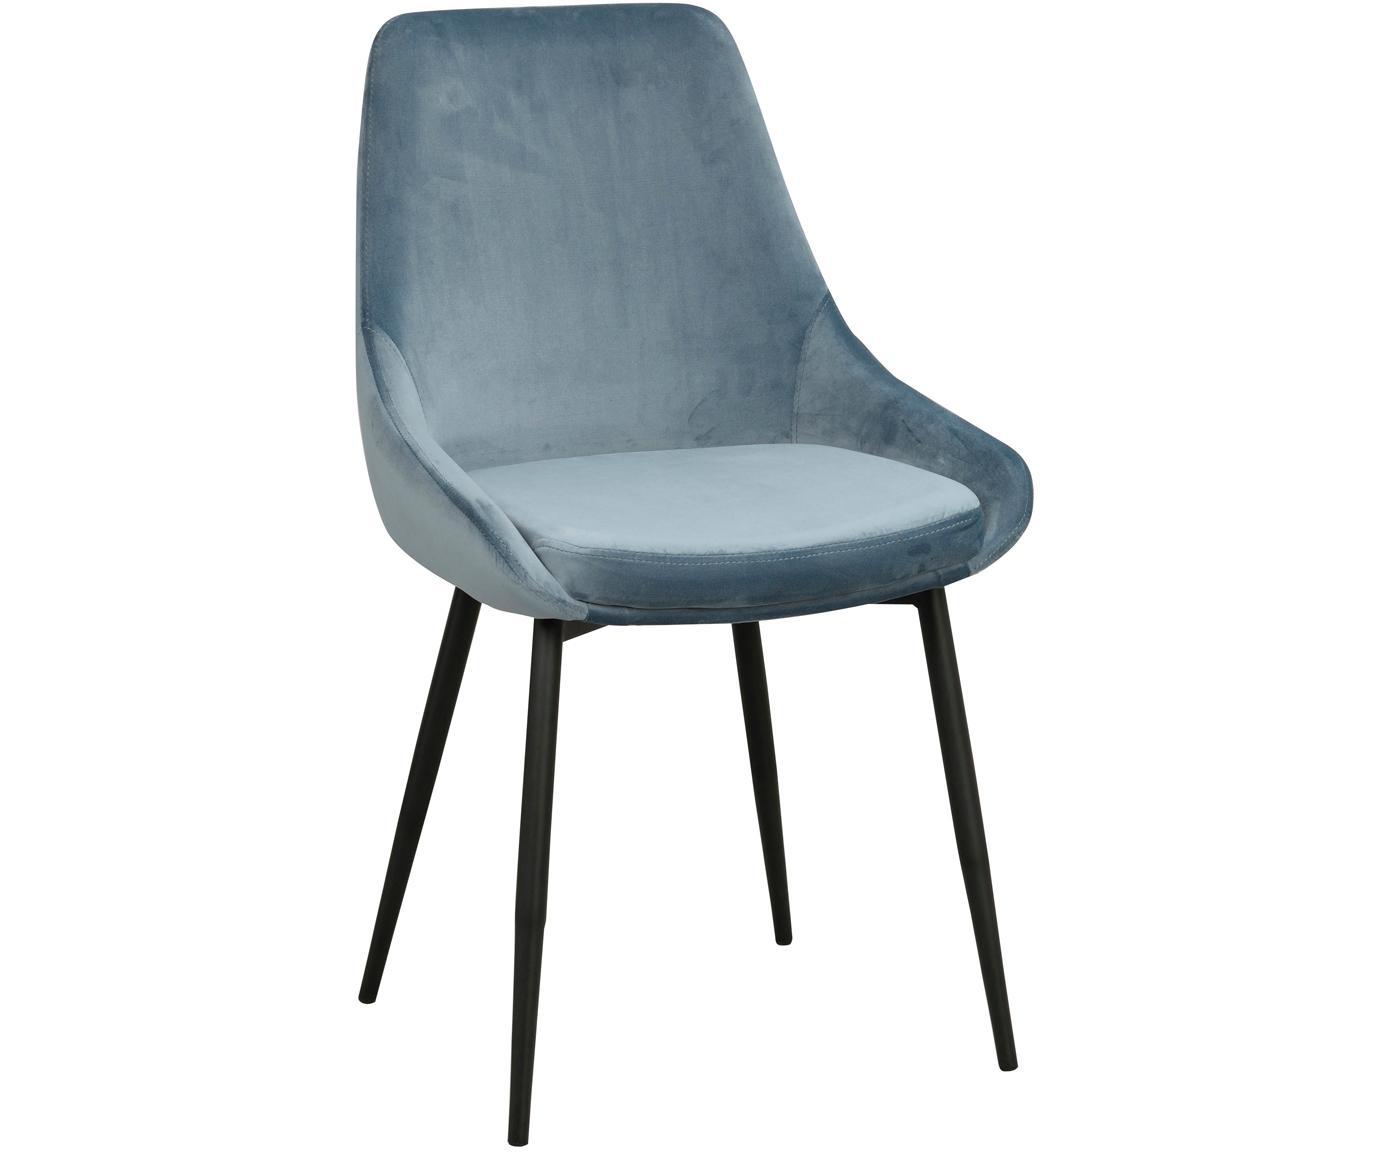 Fluwelen stoelen Sierra, 2 stuks, Bekleding: polyester fluweel, Poten: gelakt metaal, Blauw, zwart, B 49 x D 55 cm